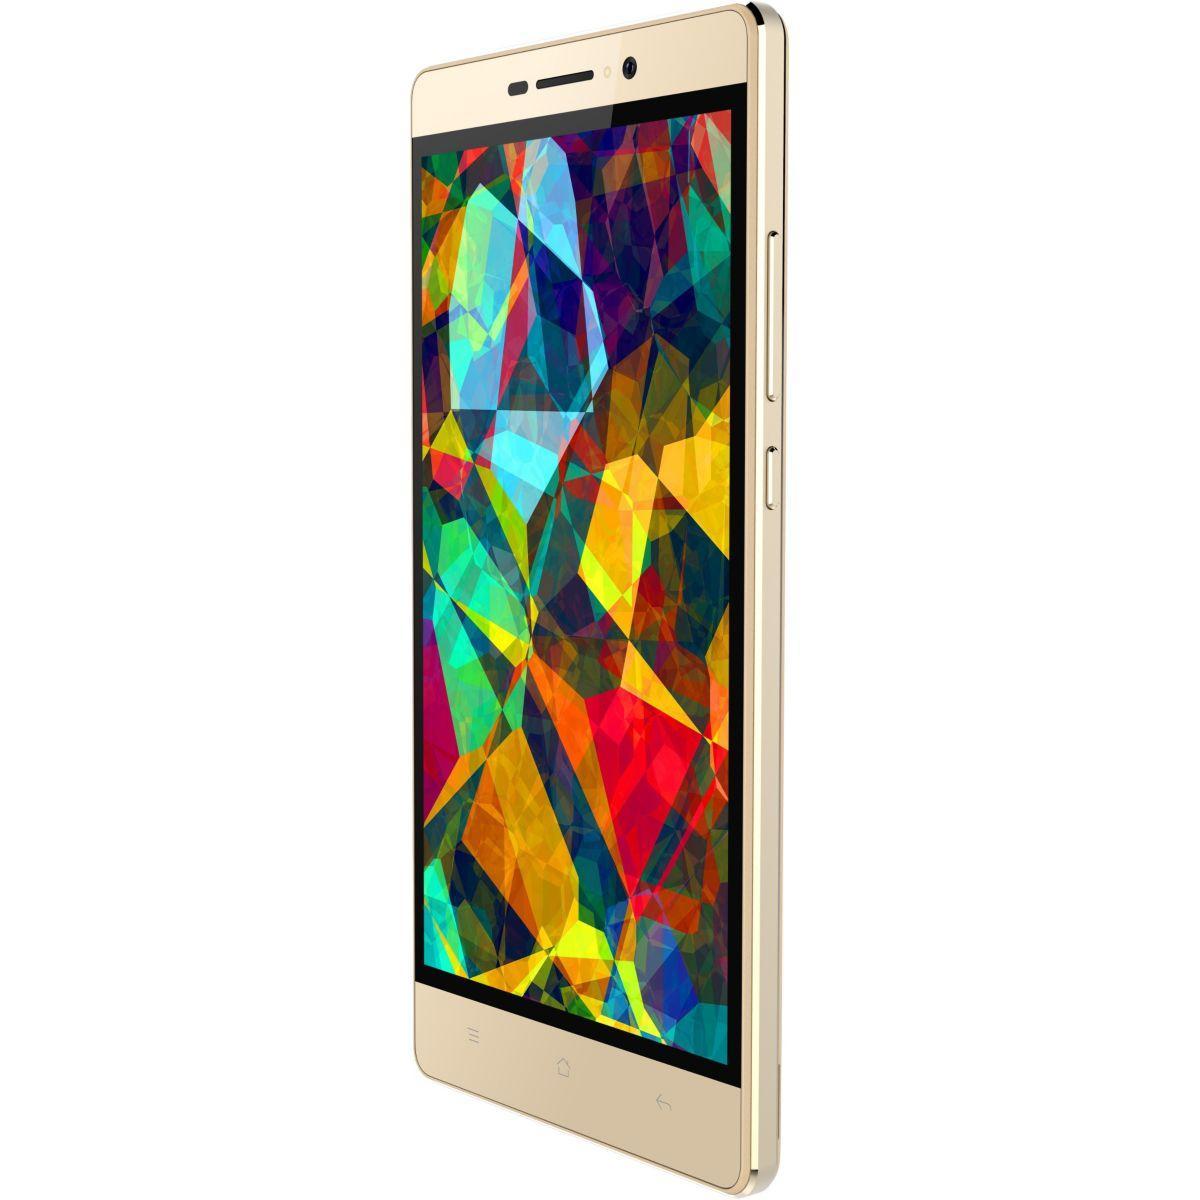 Smartphone echo note gold - soldes et bonnes affaires à prix imbattables